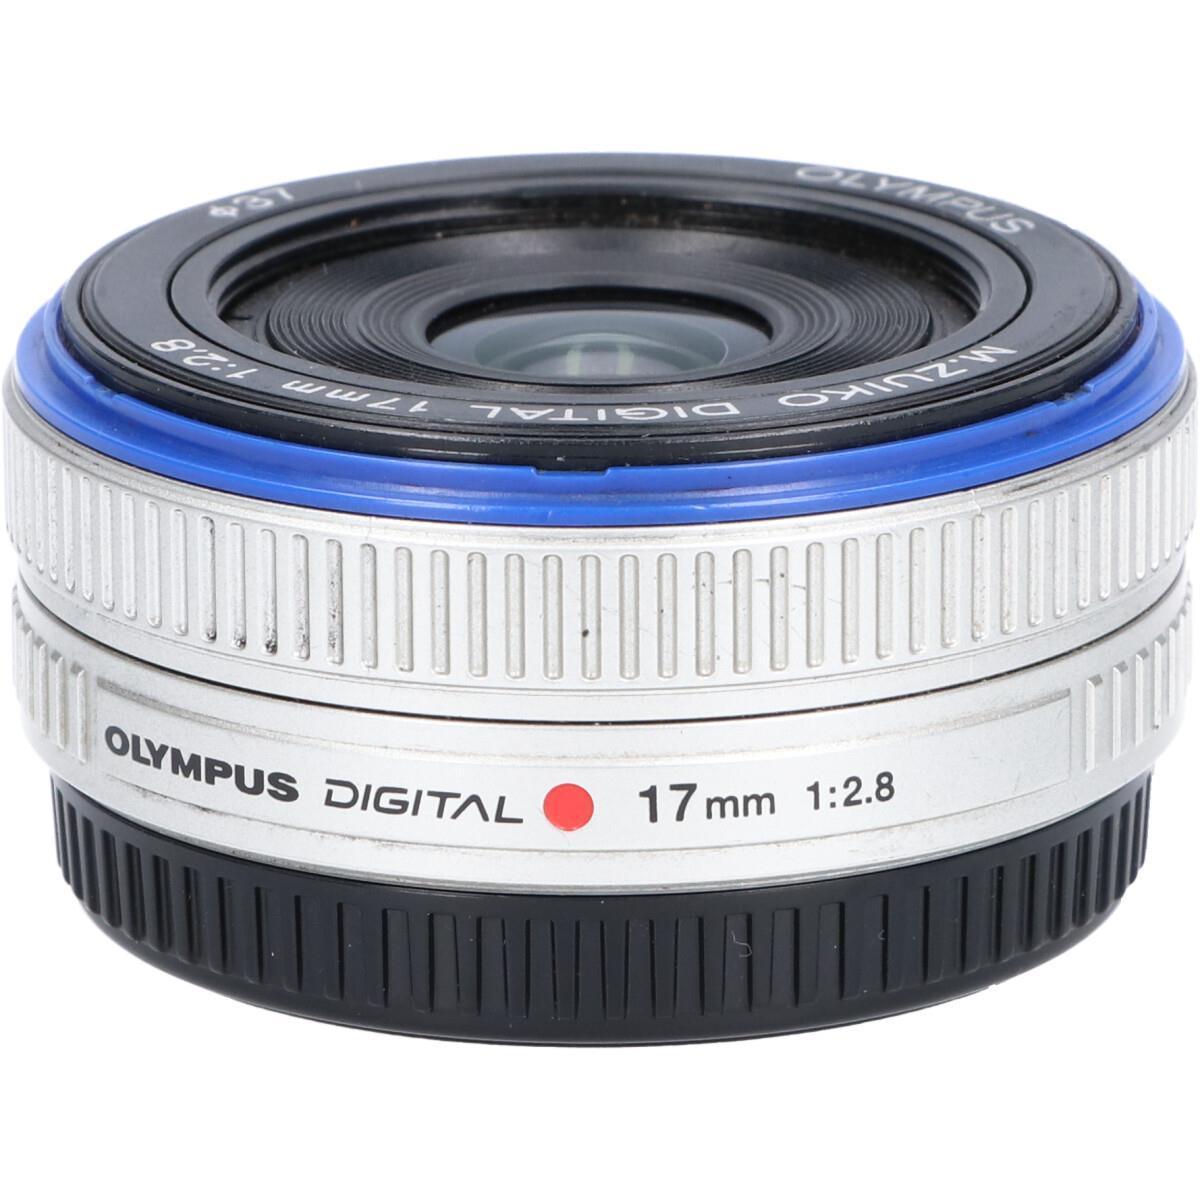 OLYMPUS MZD17mm F2.8